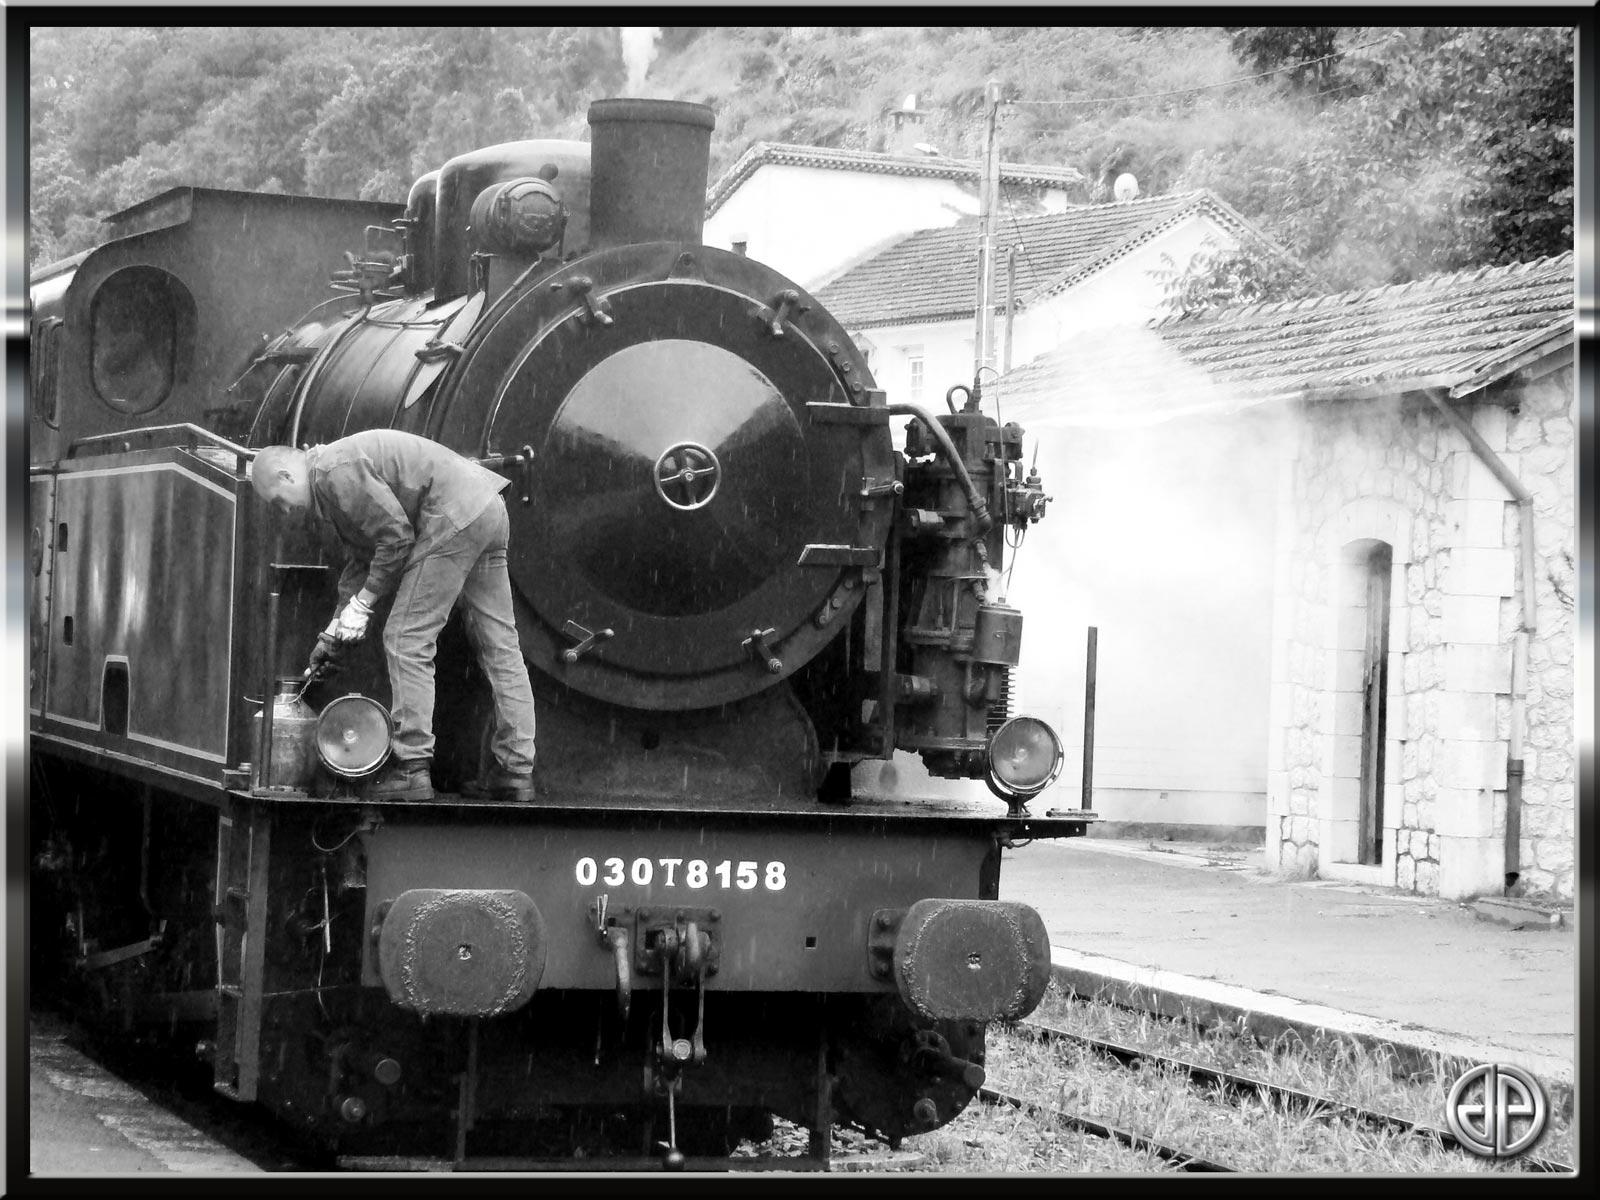 Anduze-St-jean-du-Gard-003